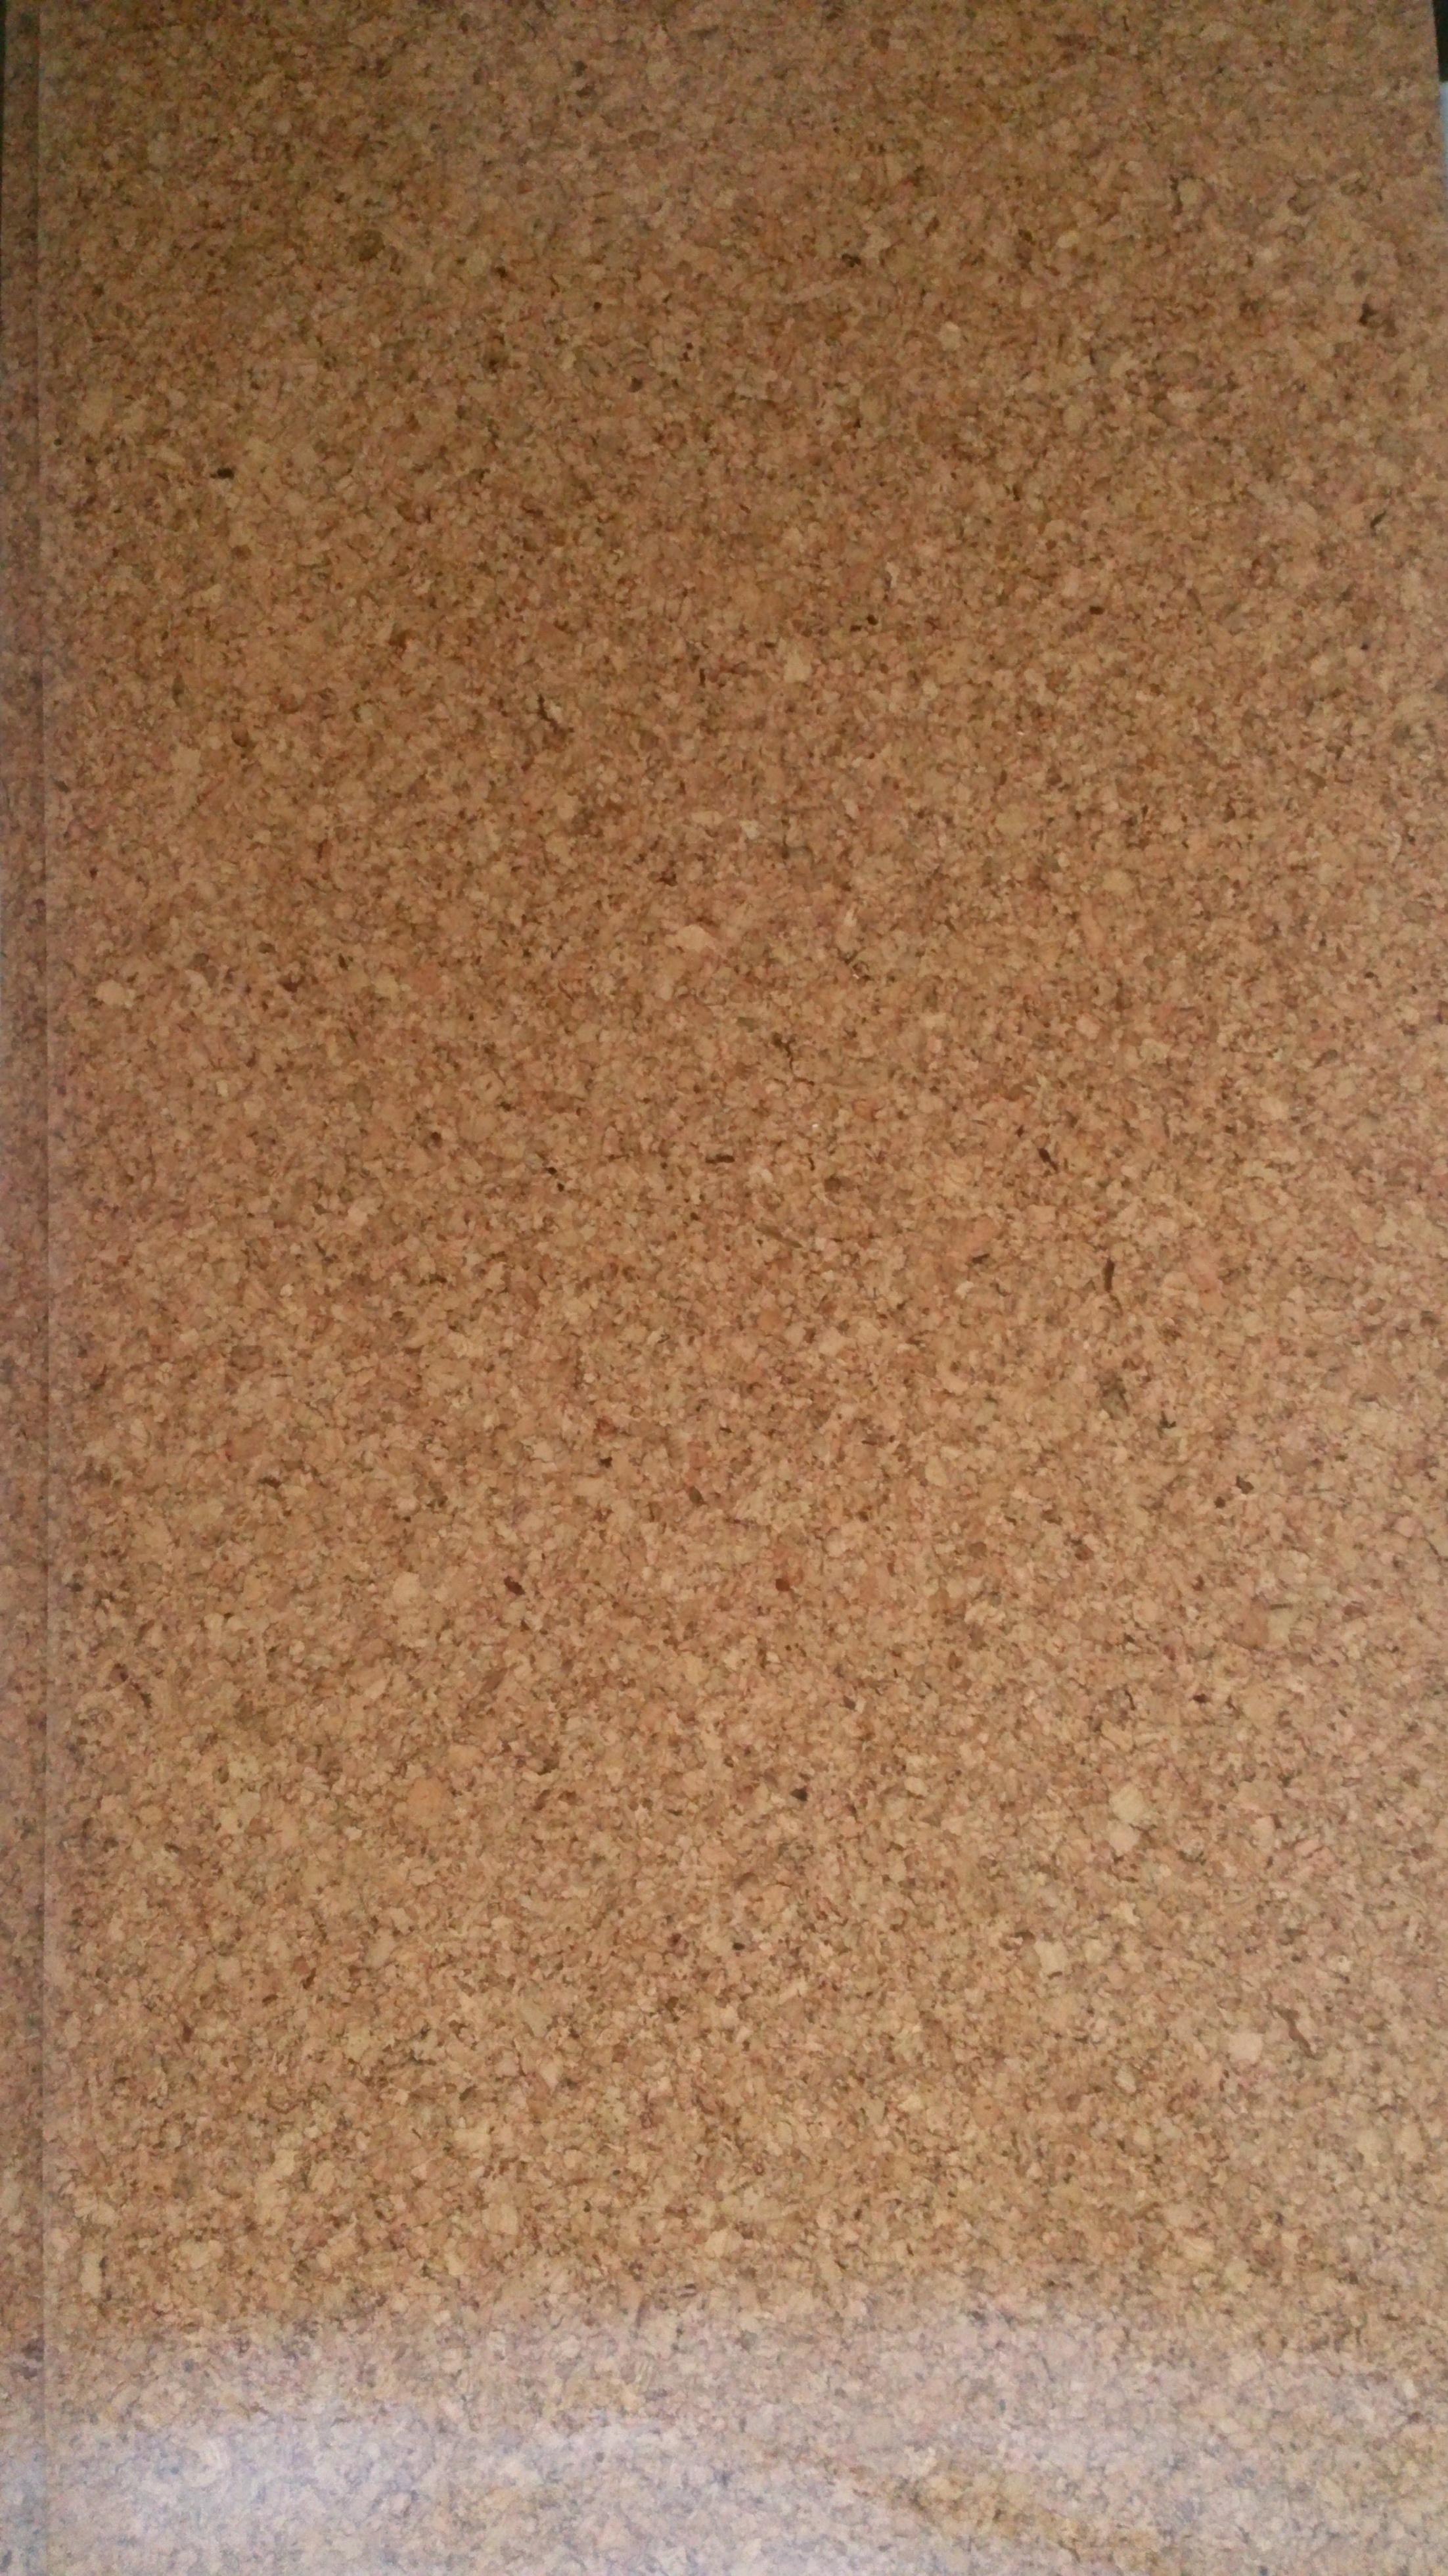 Corcho suelo barnizado - Corcho para suelos ...